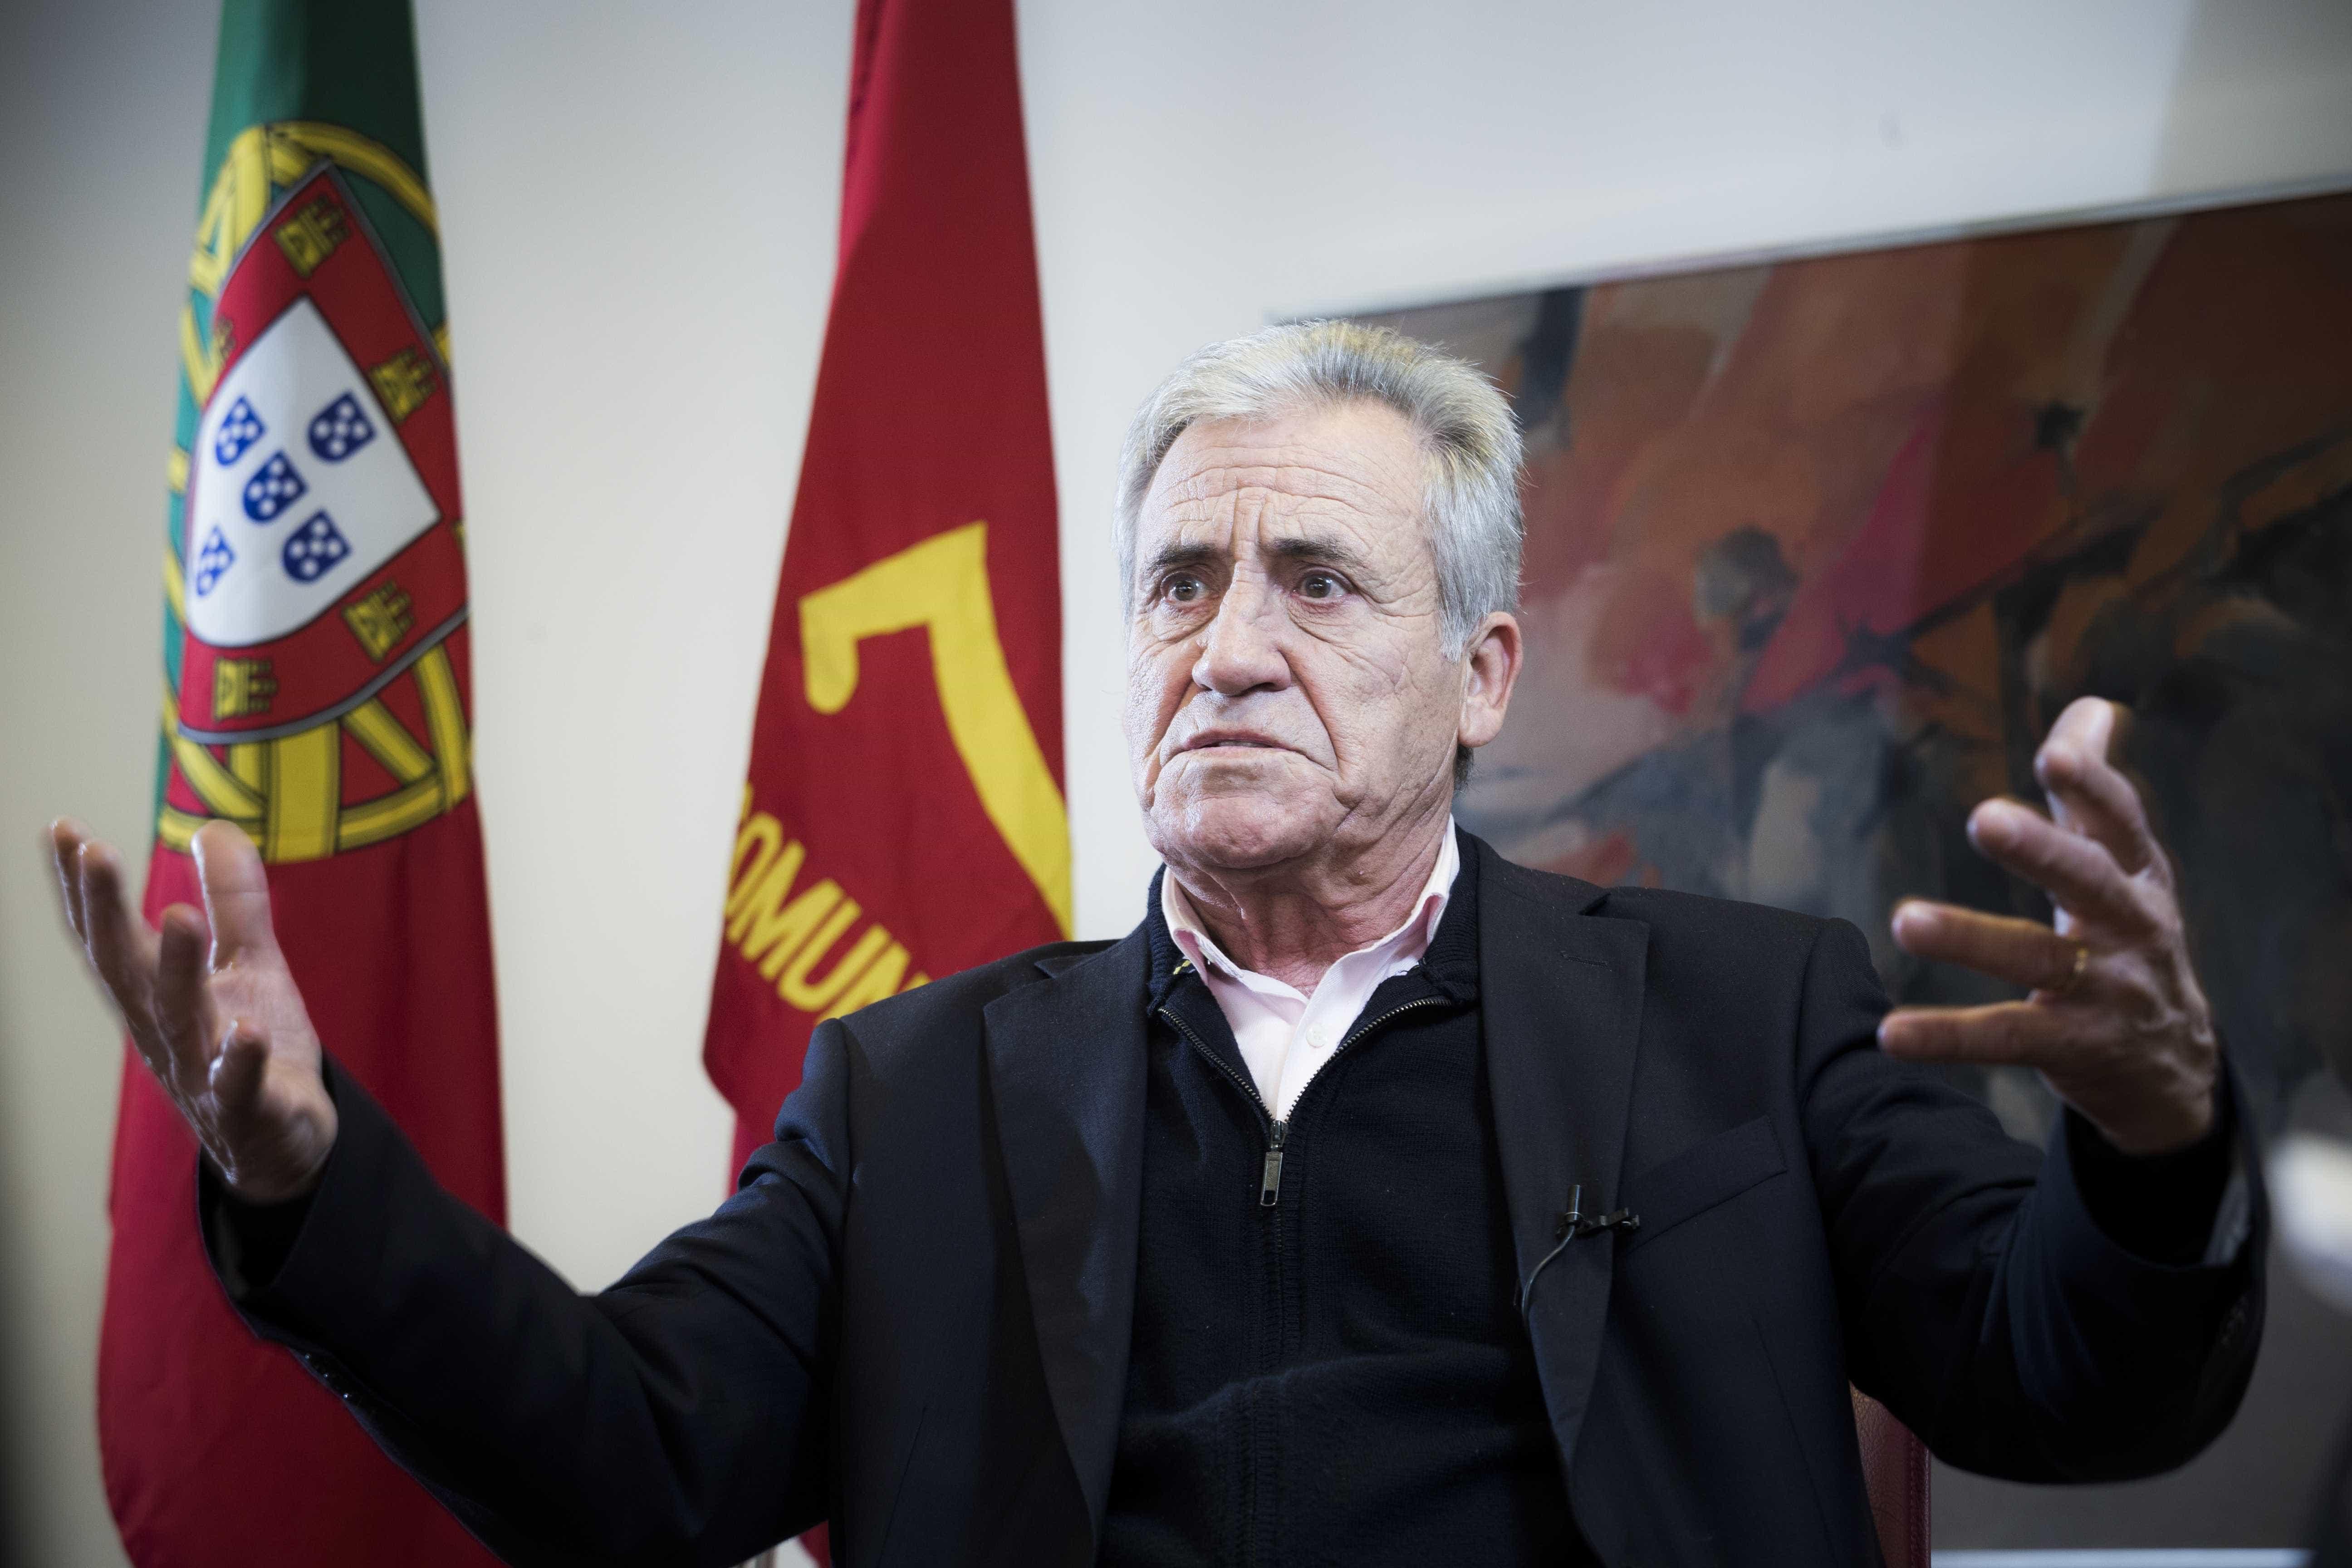 """Corte pensões: Rio quer """"ressuscitar contrarreforma de Passos e Portas"""""""